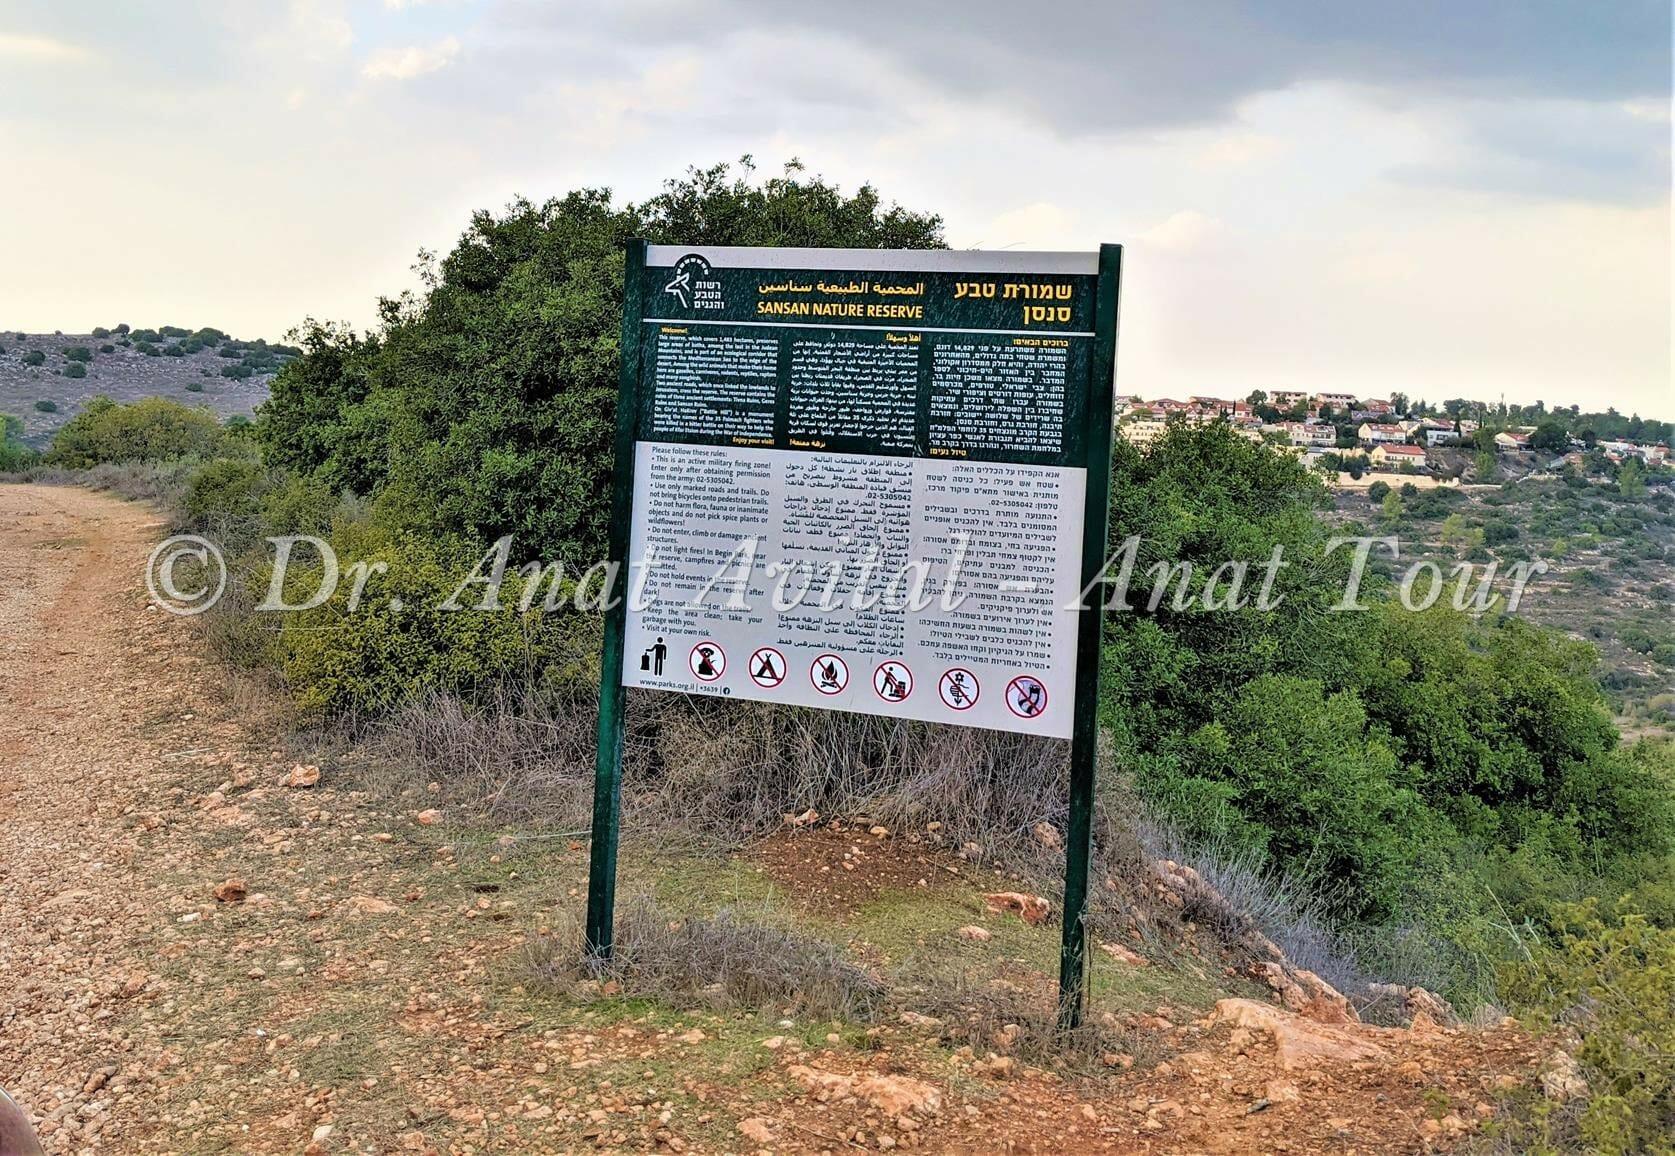 """כניסה מצור הדסה אל שמורת טבע סנסן, צילום: ד""""ר ענת אביטל"""